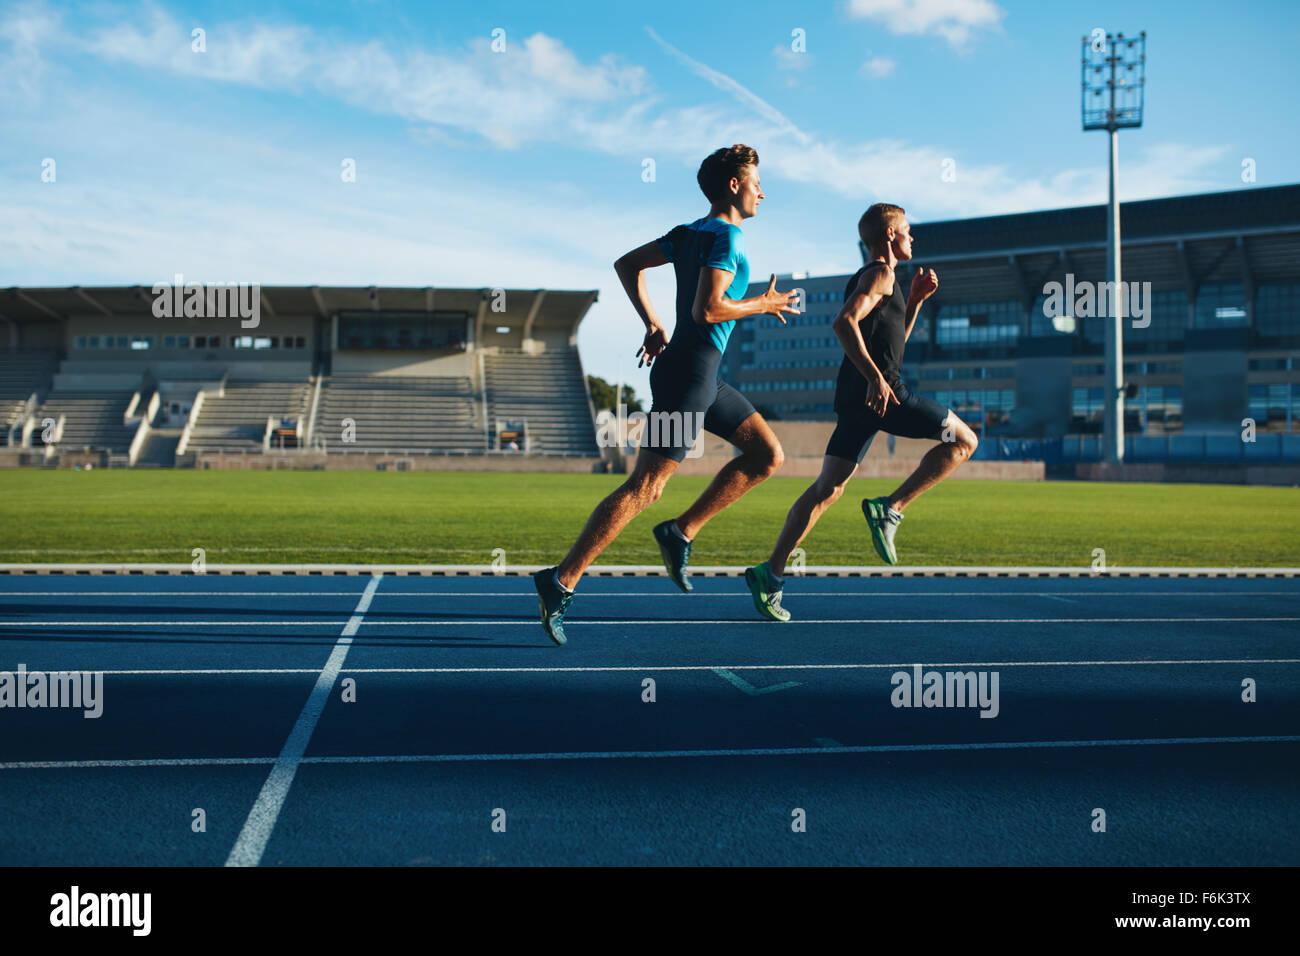 Zwei junge Männer, die auf der Rennstrecke. Männliche Profi-Athleten laufen auf Leichtathletik Rennen Stockbild